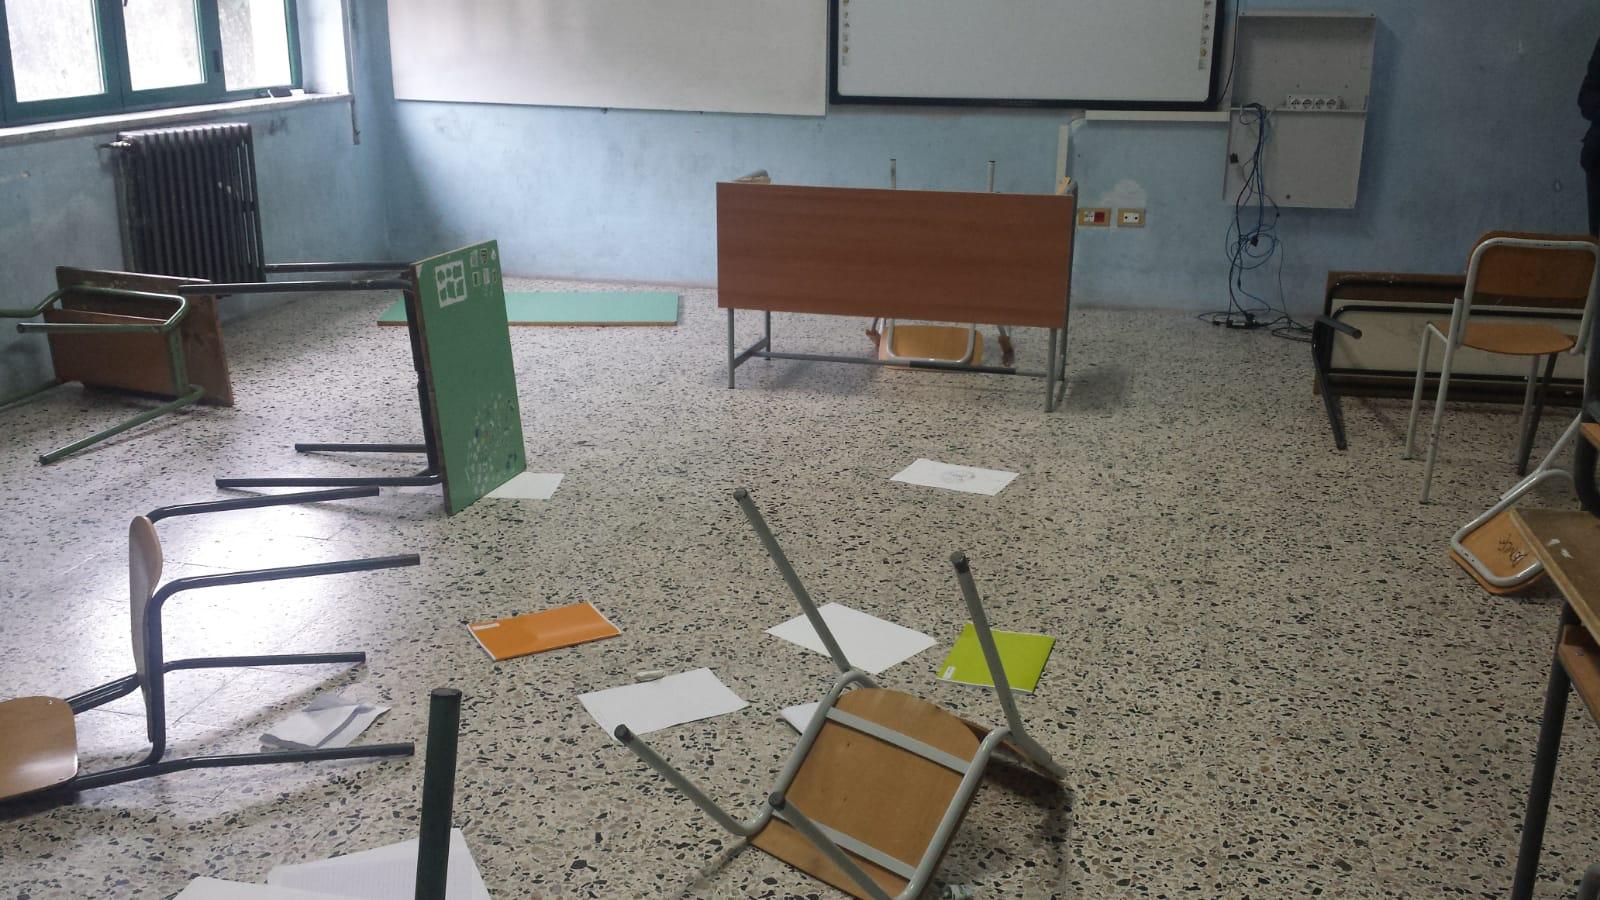 Gravi atti vandalici in una scuola del ViboneseDanni ingenti ad arredi e struttura, indagini